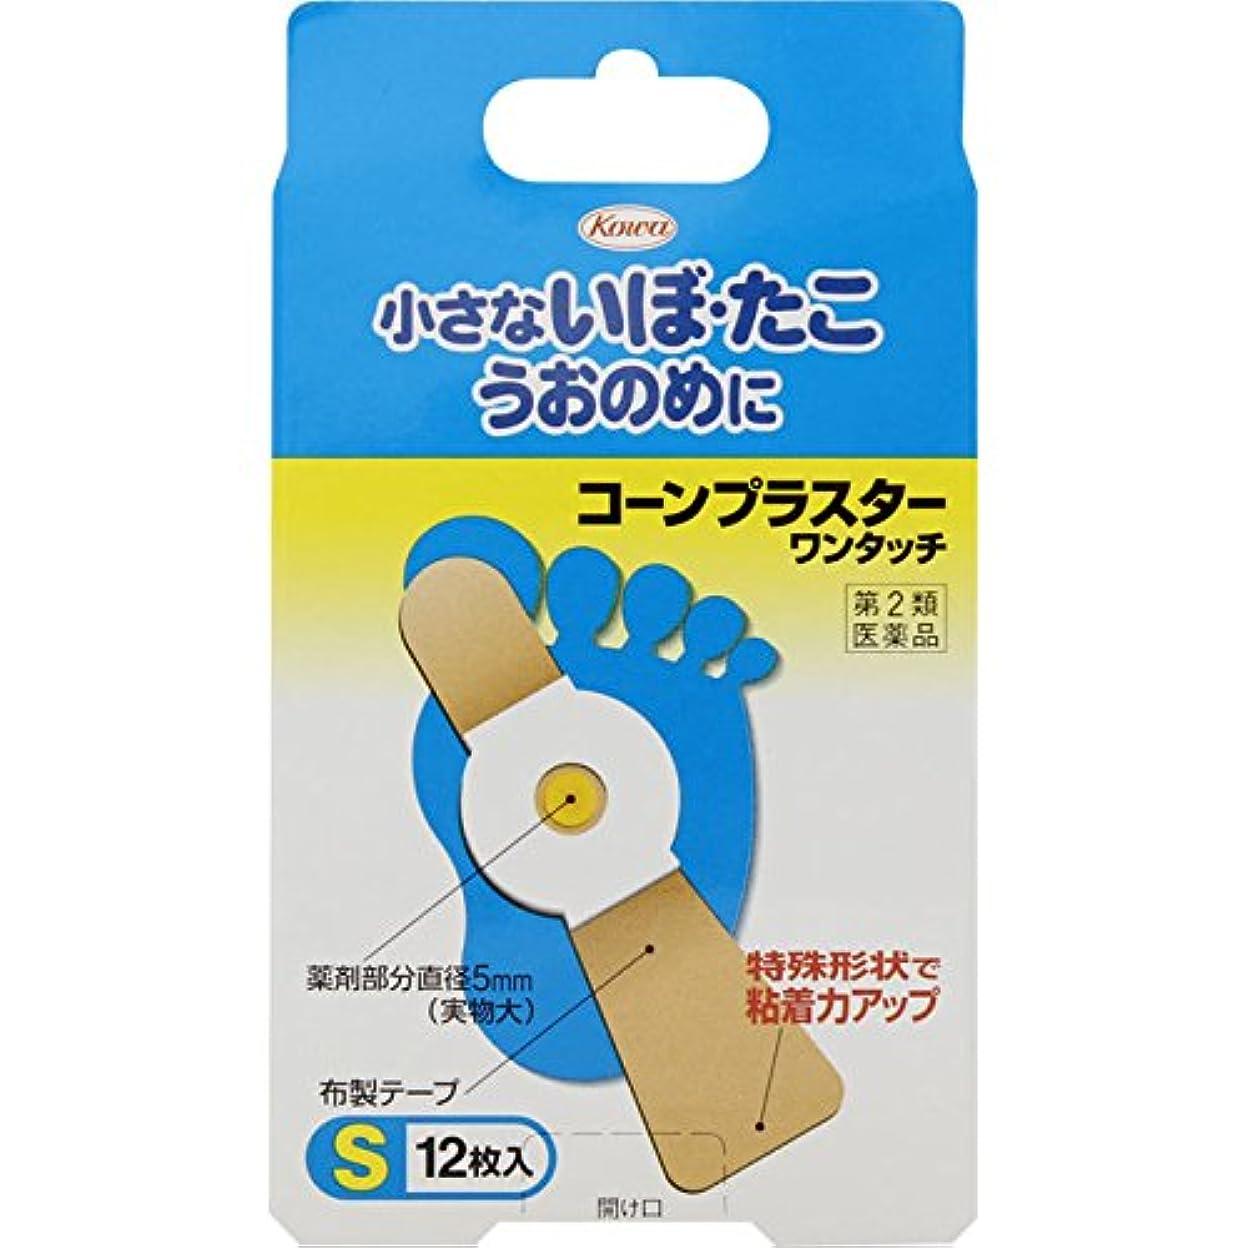 敵対的カード順応性【第2類医薬品】コーンプラスターワンタッチS 12枚